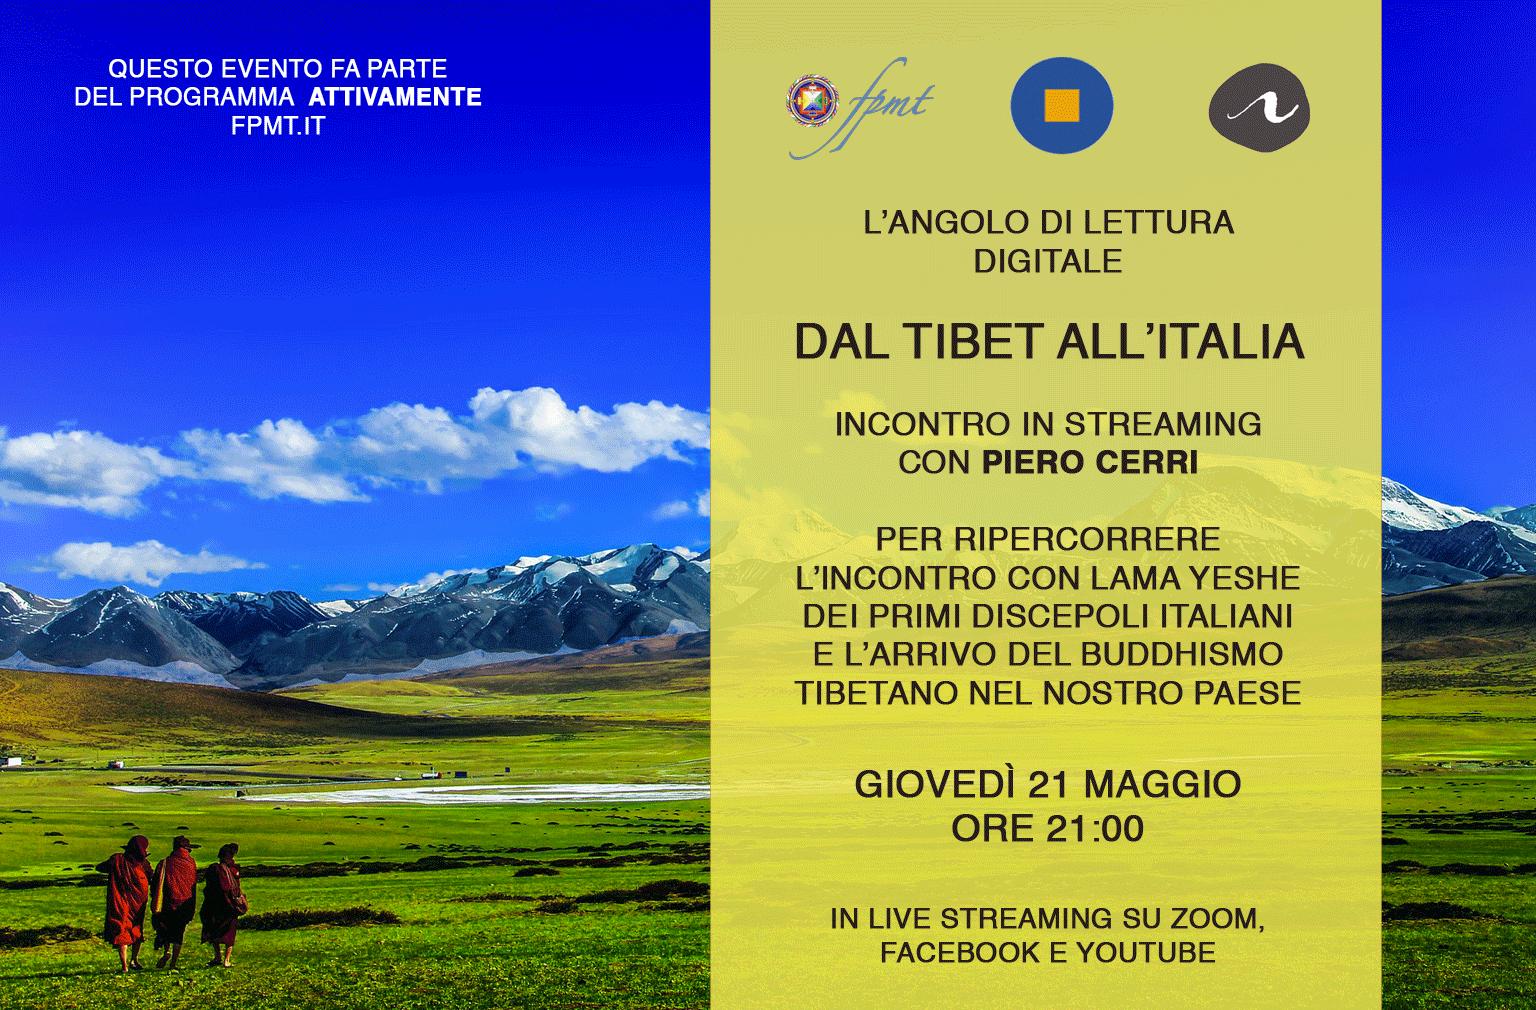 Dal Tibet all'Italia: conversazione con Piero Cerri